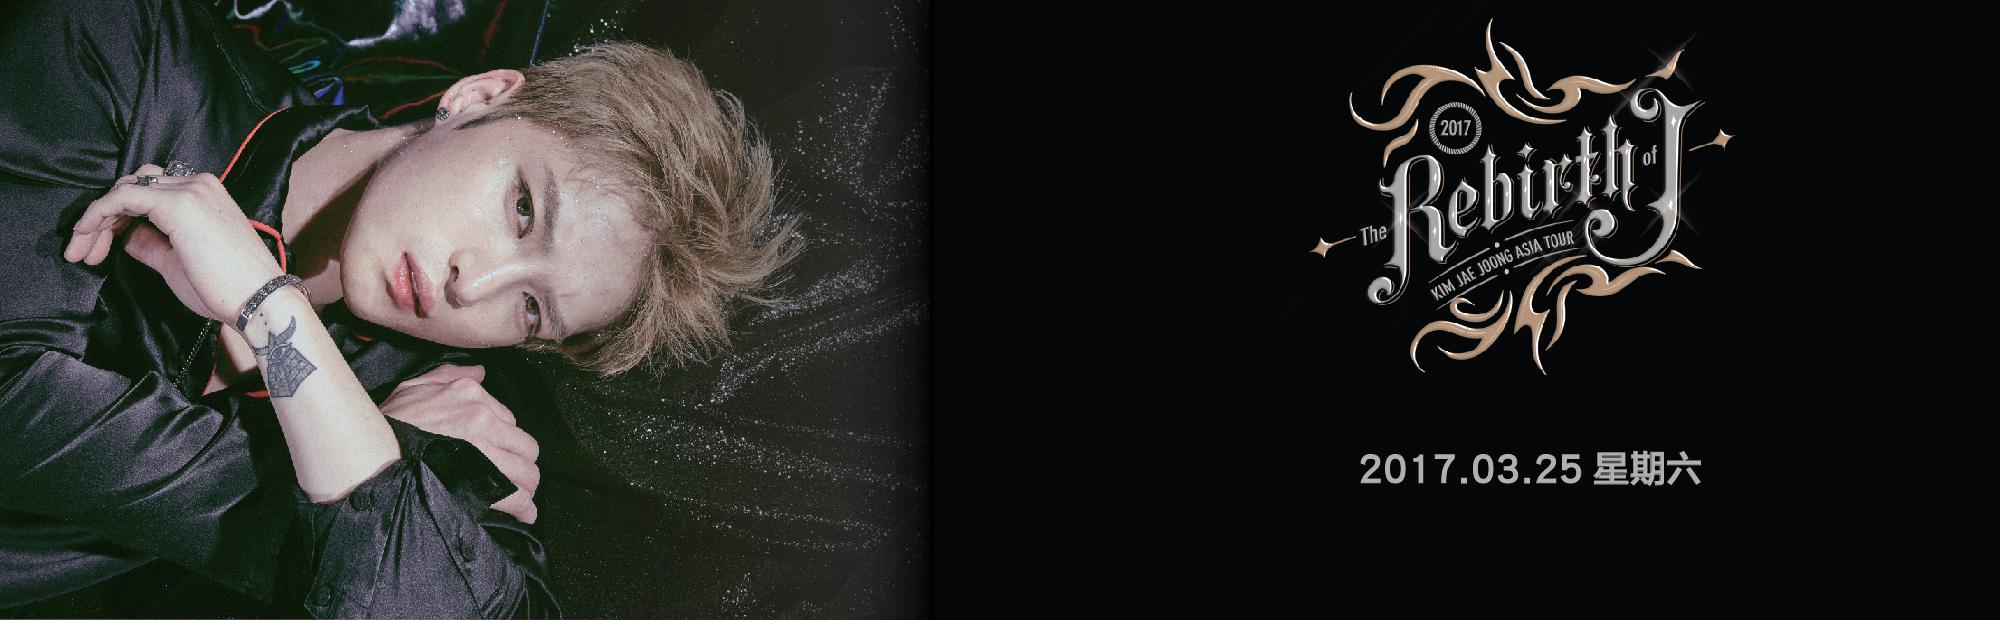 2017金在中亚洲巡回演唱会 - 澳门站